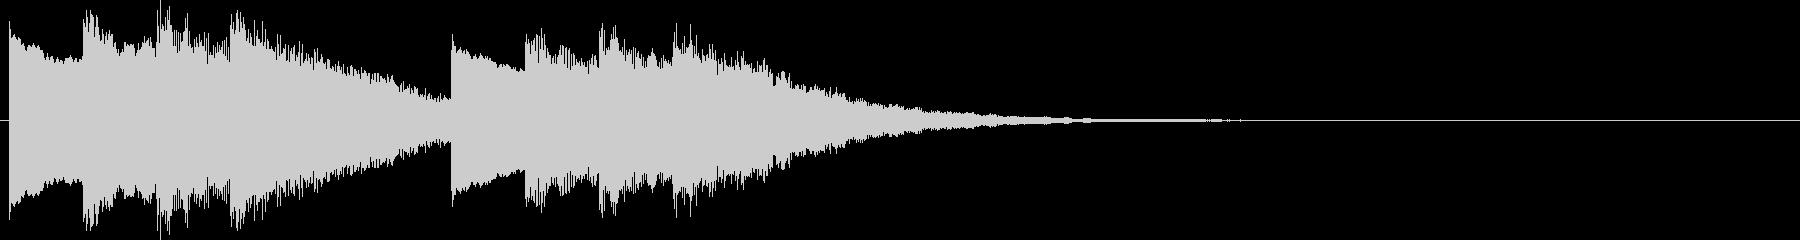 キンコン..。学校のチャイムF(低・短)の未再生の波形